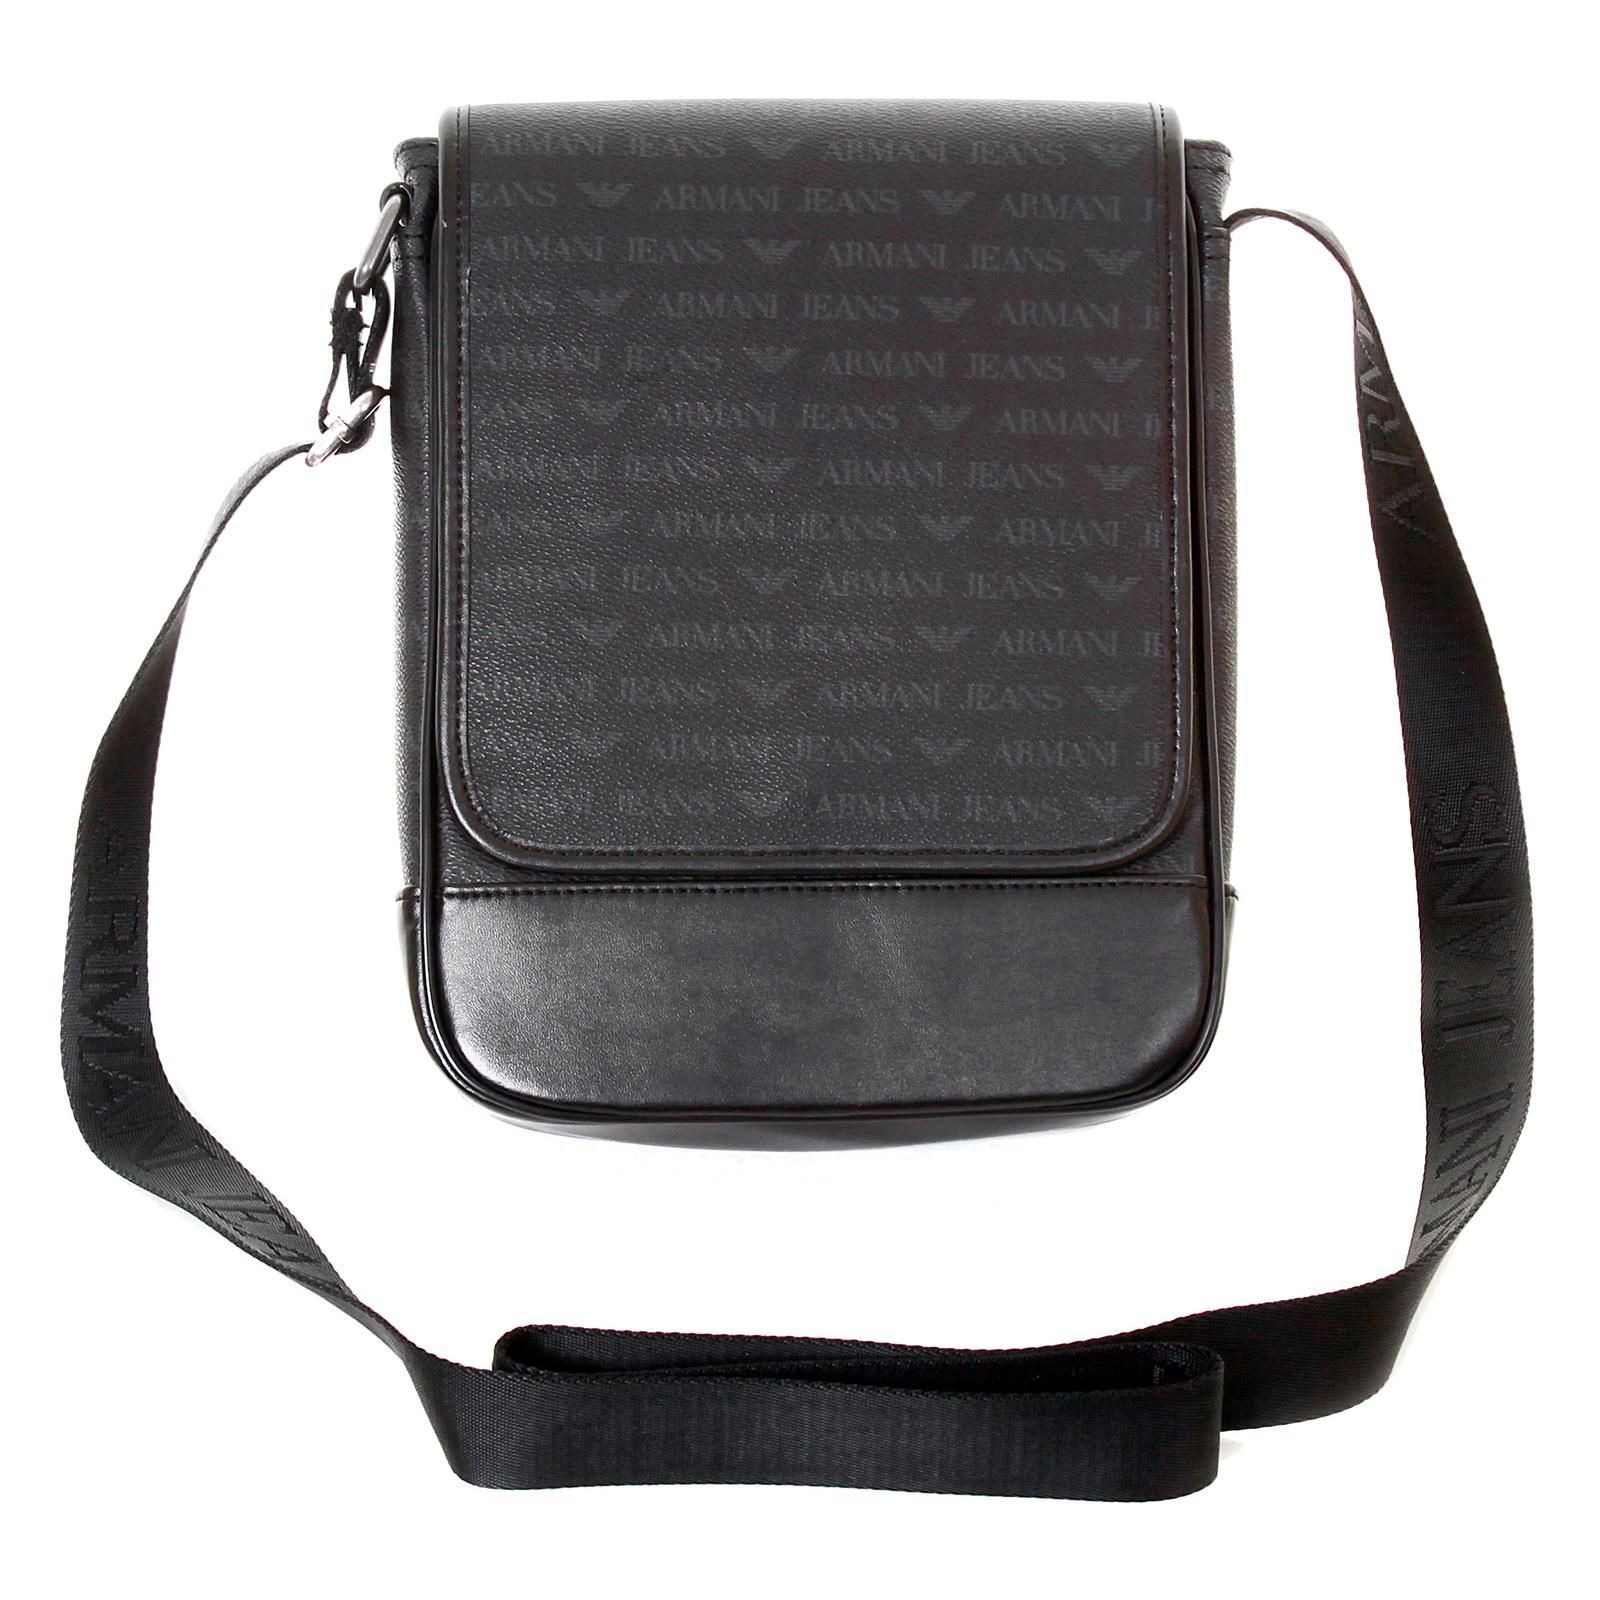 Armani Jeans mens black 06293 J4 logo messenger bag AJM2475 at Togged  Clothing 2b36fda865267